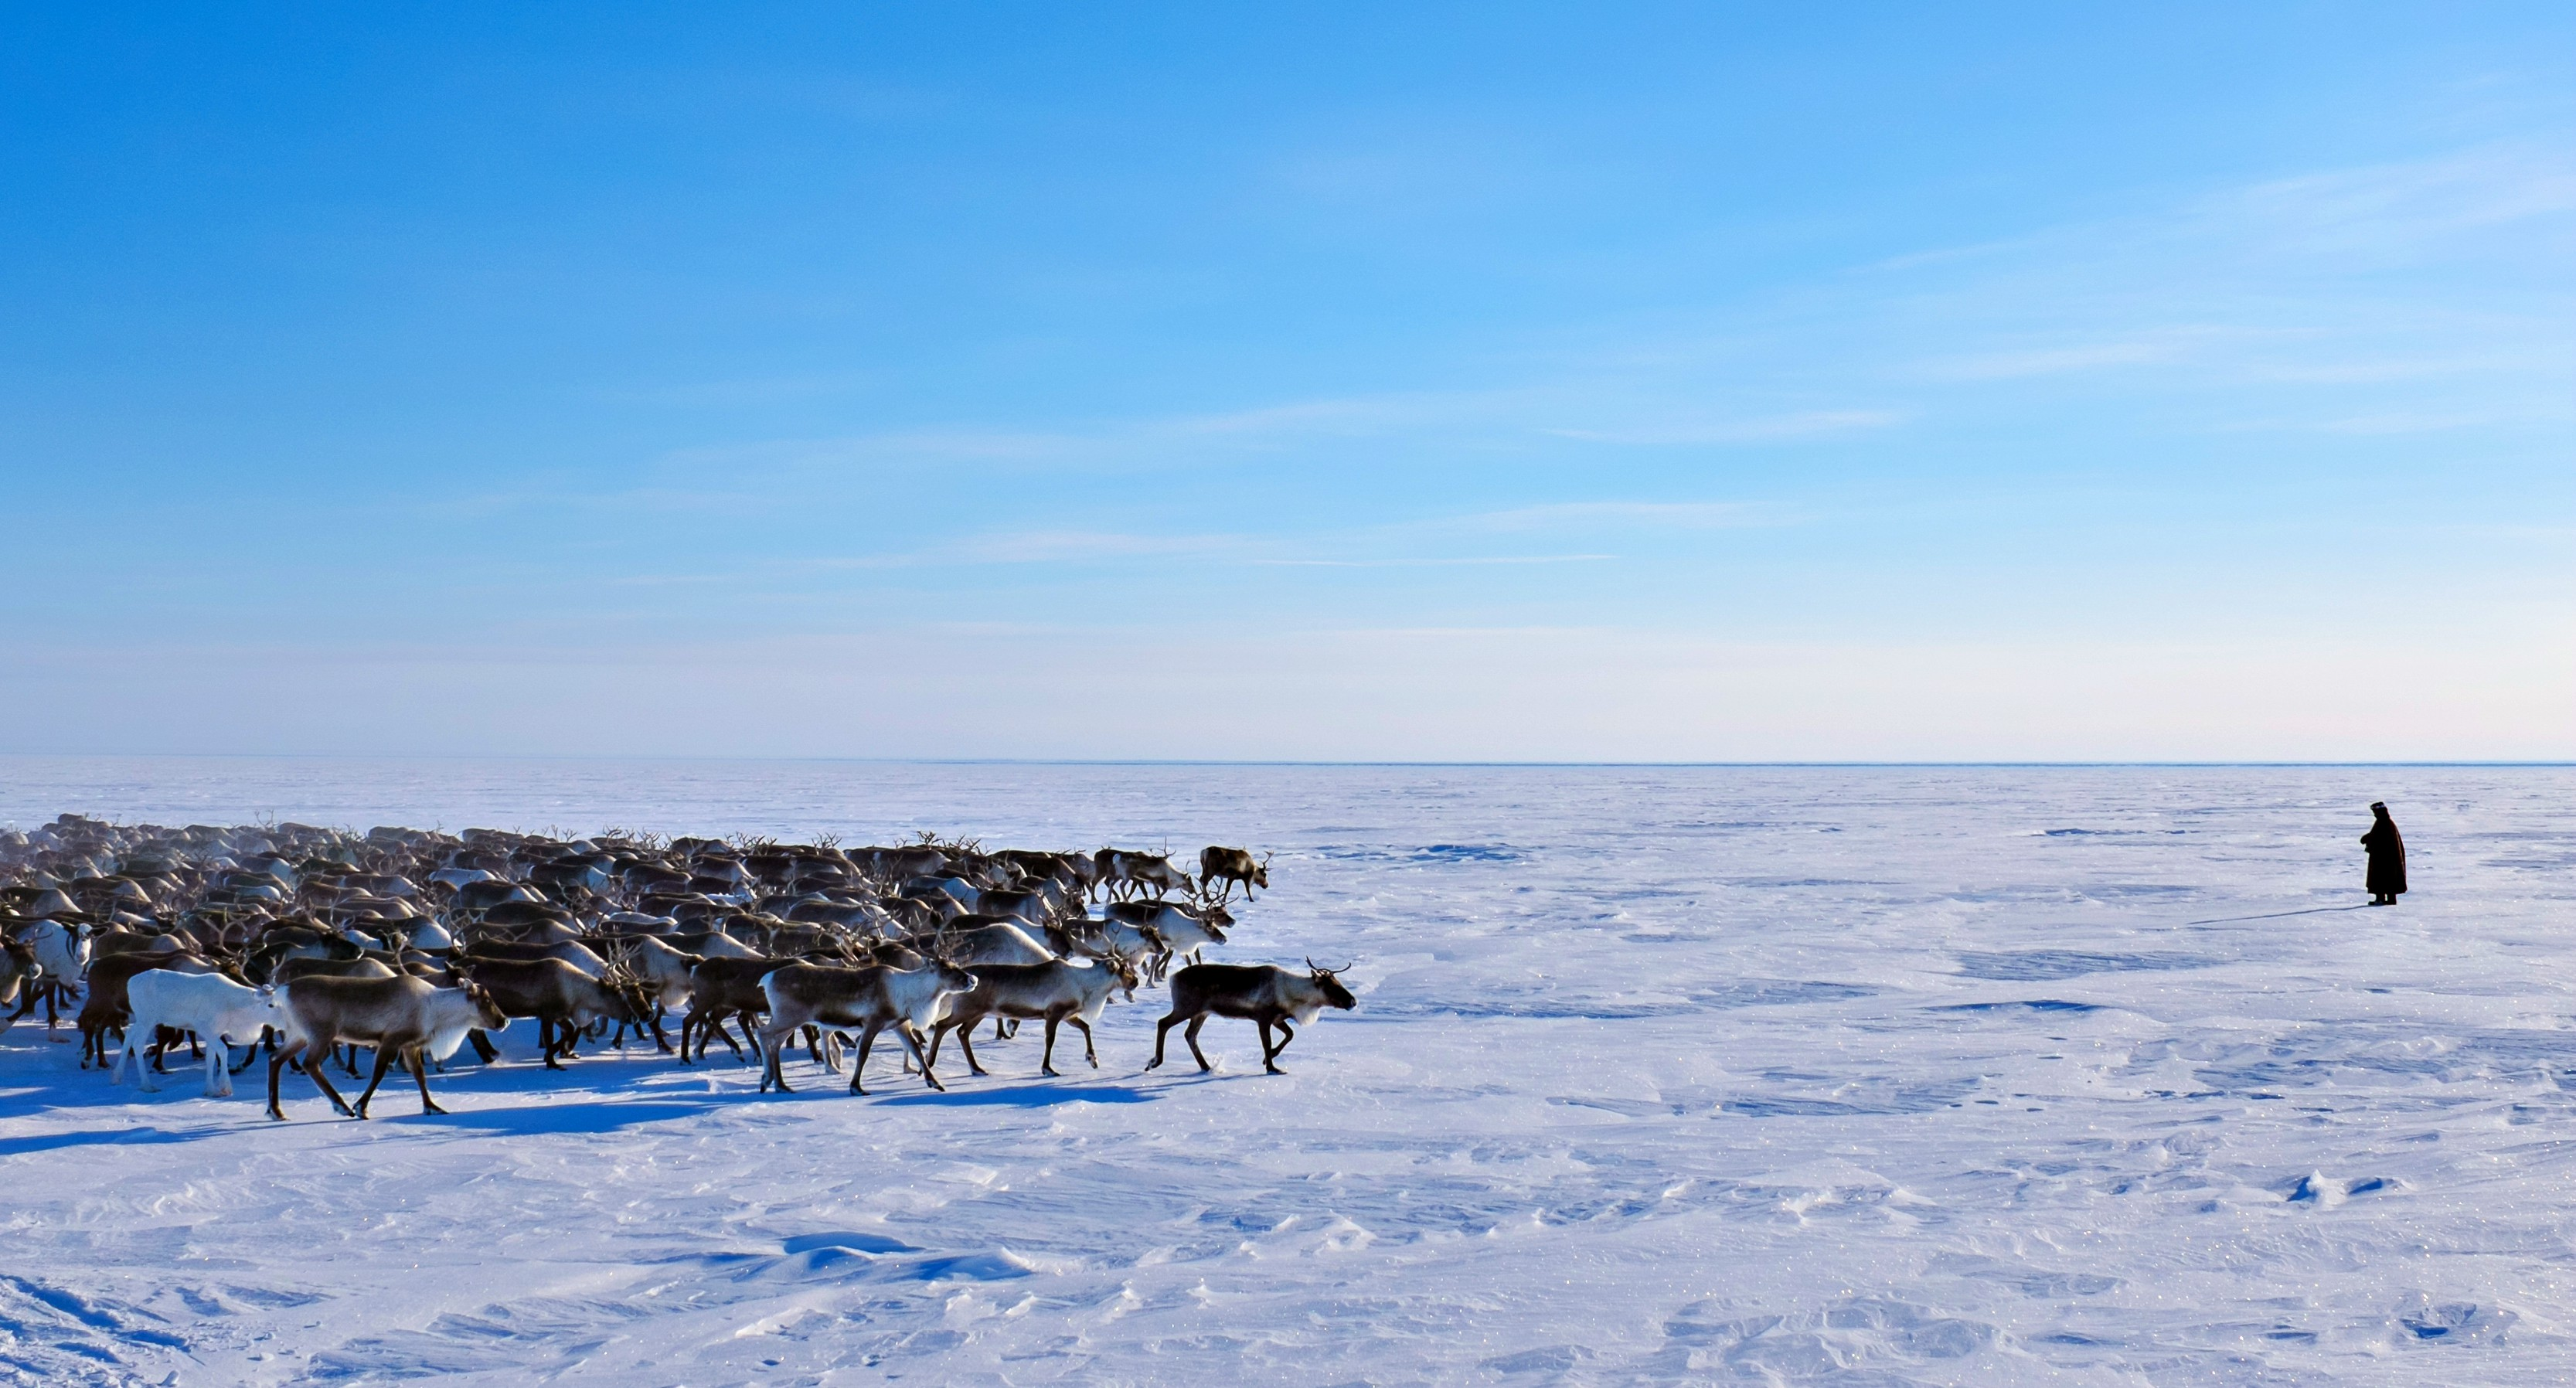 Reindeer migration